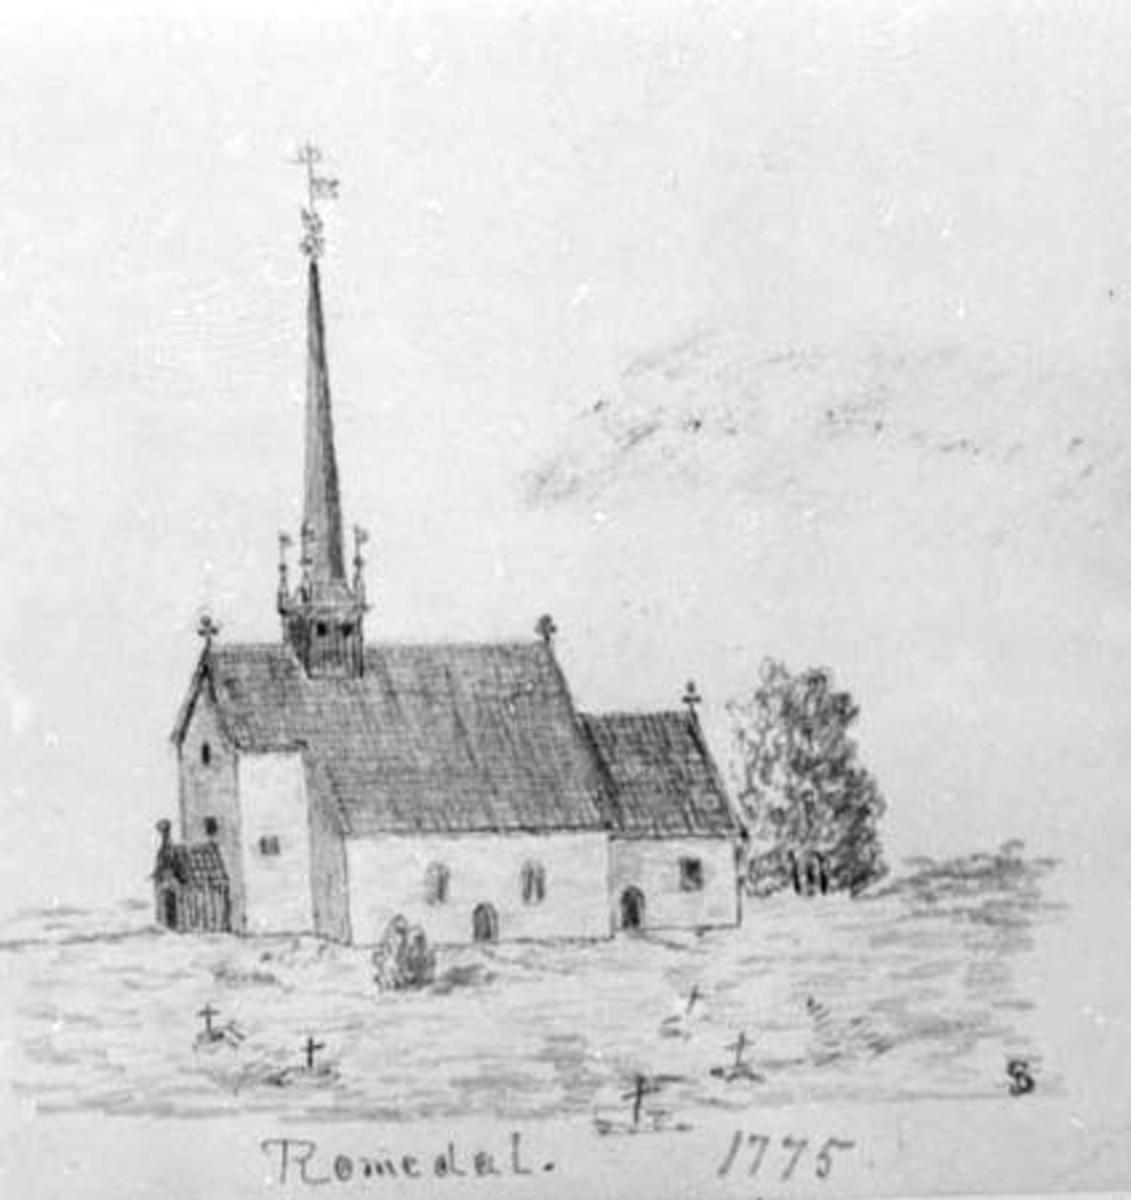 Tegning, Romedal kirke 1775, Gerhard Schønning.